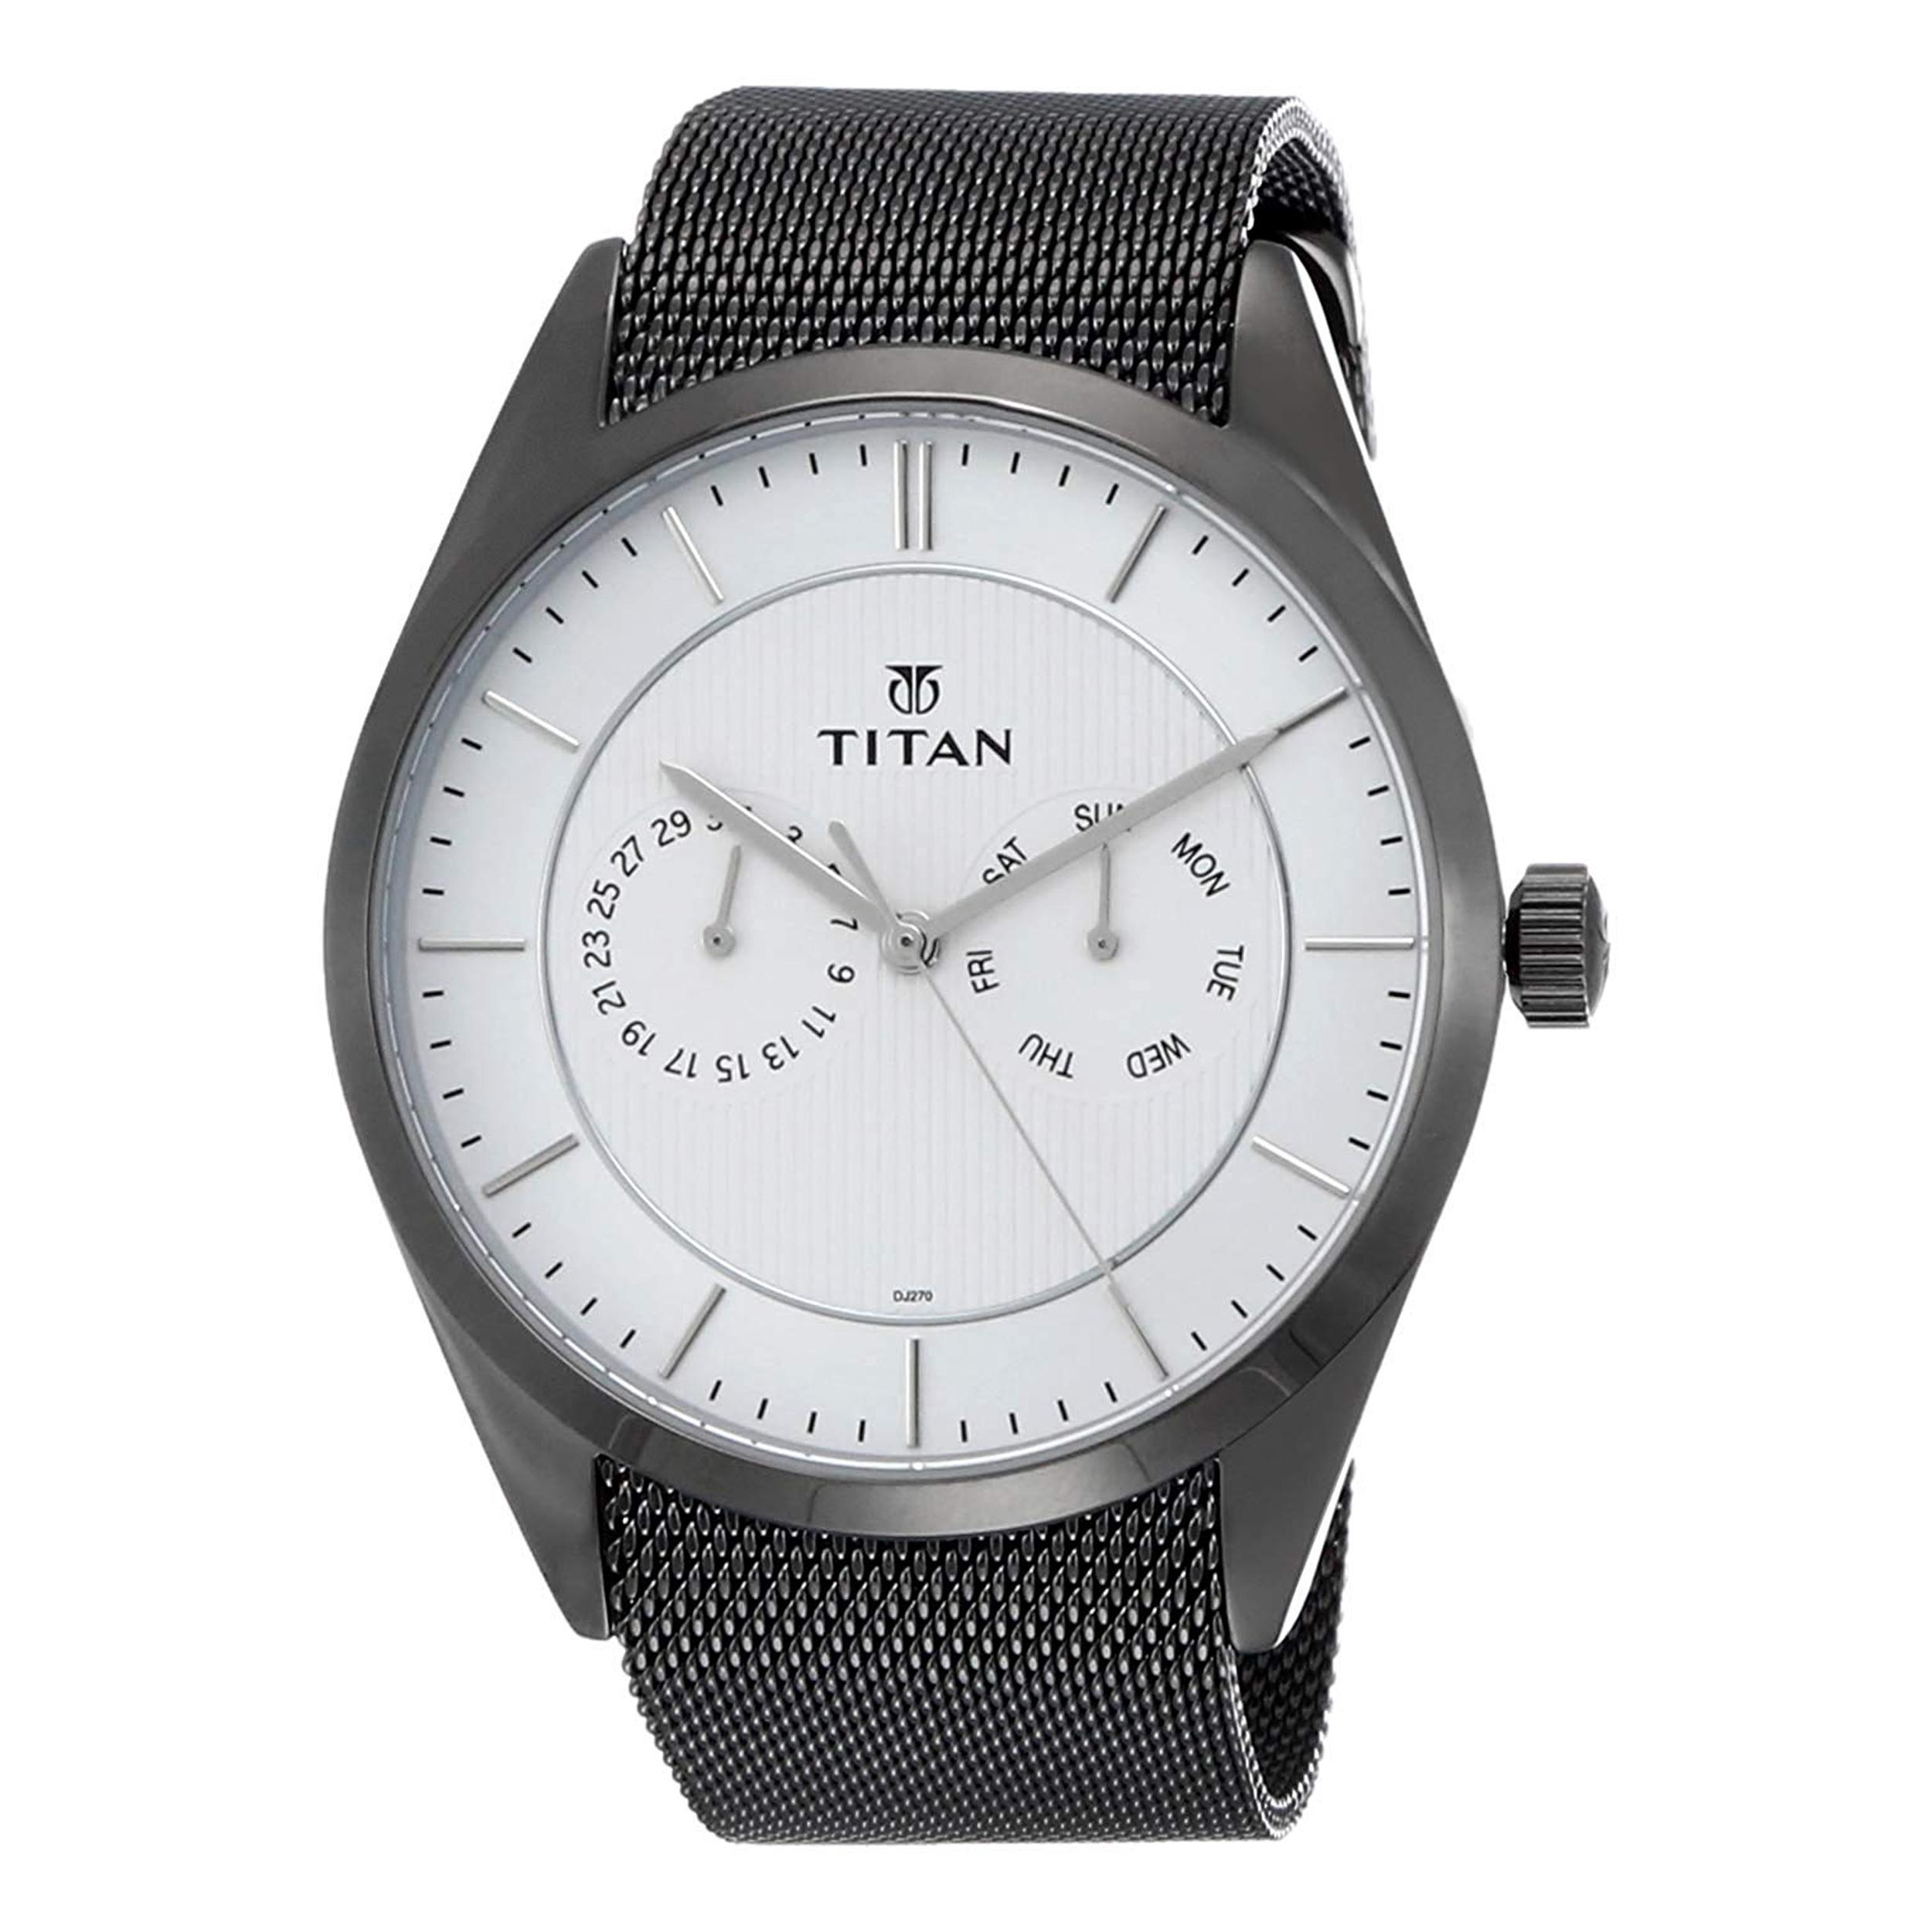 ساعت مچی عقربه ای مردانه تایتن مدل T90098QM01